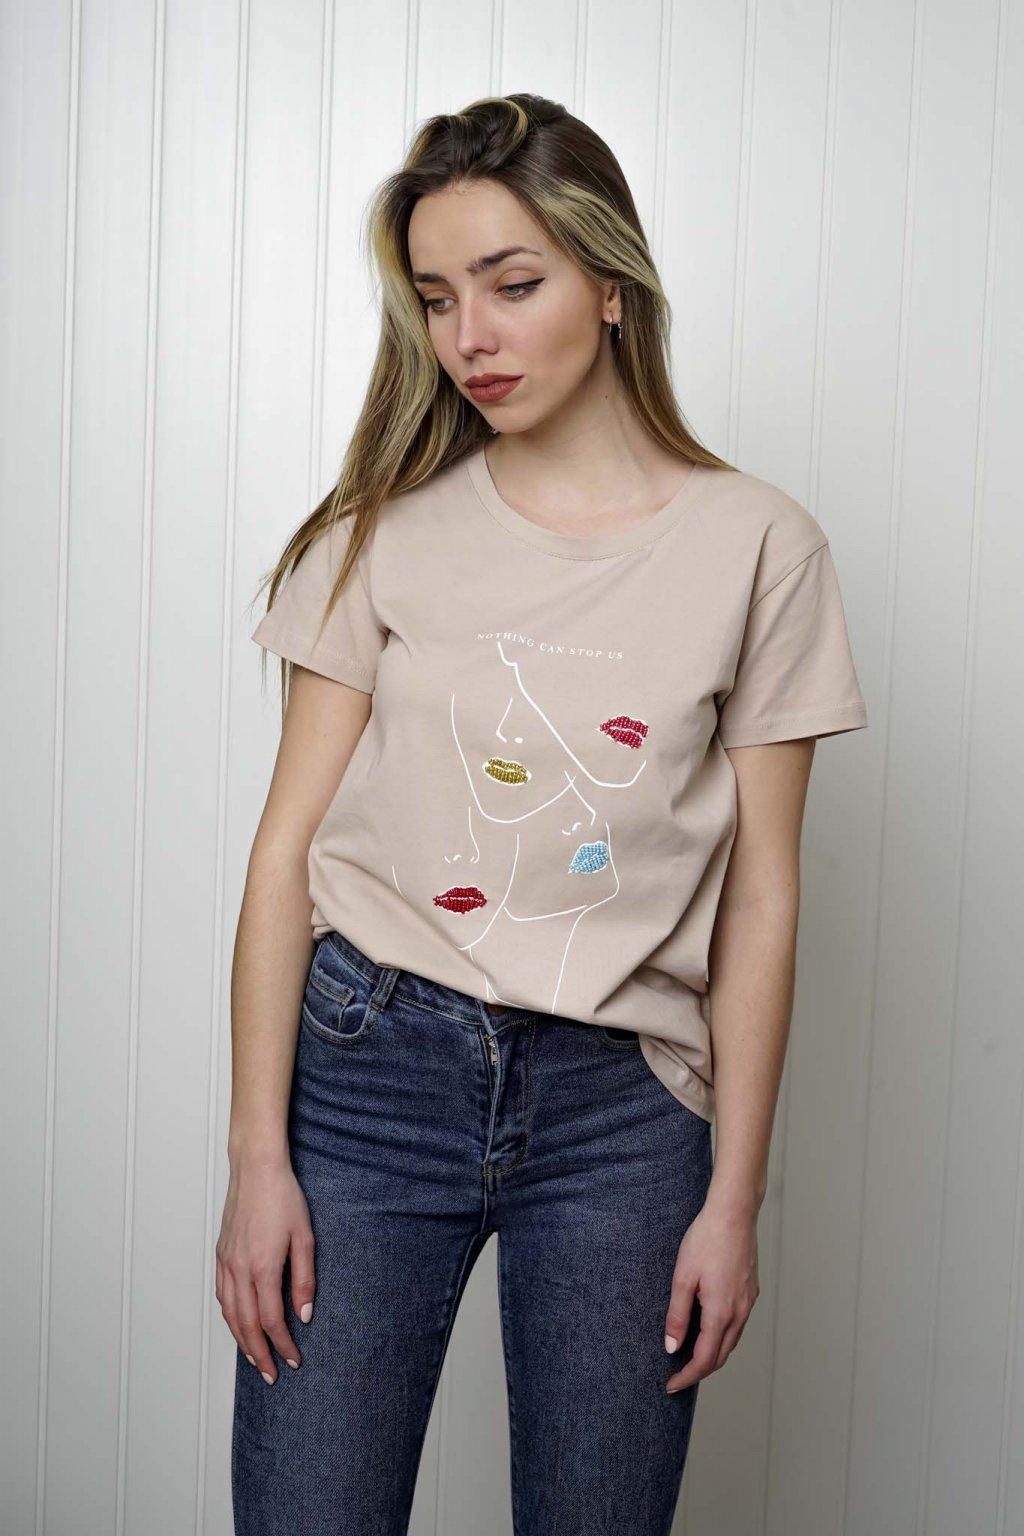 tričko, tričkové šaty, biele, čierne, žlté, vzorované, potlač, vyšívané, nášivky, fialové, street style, 176